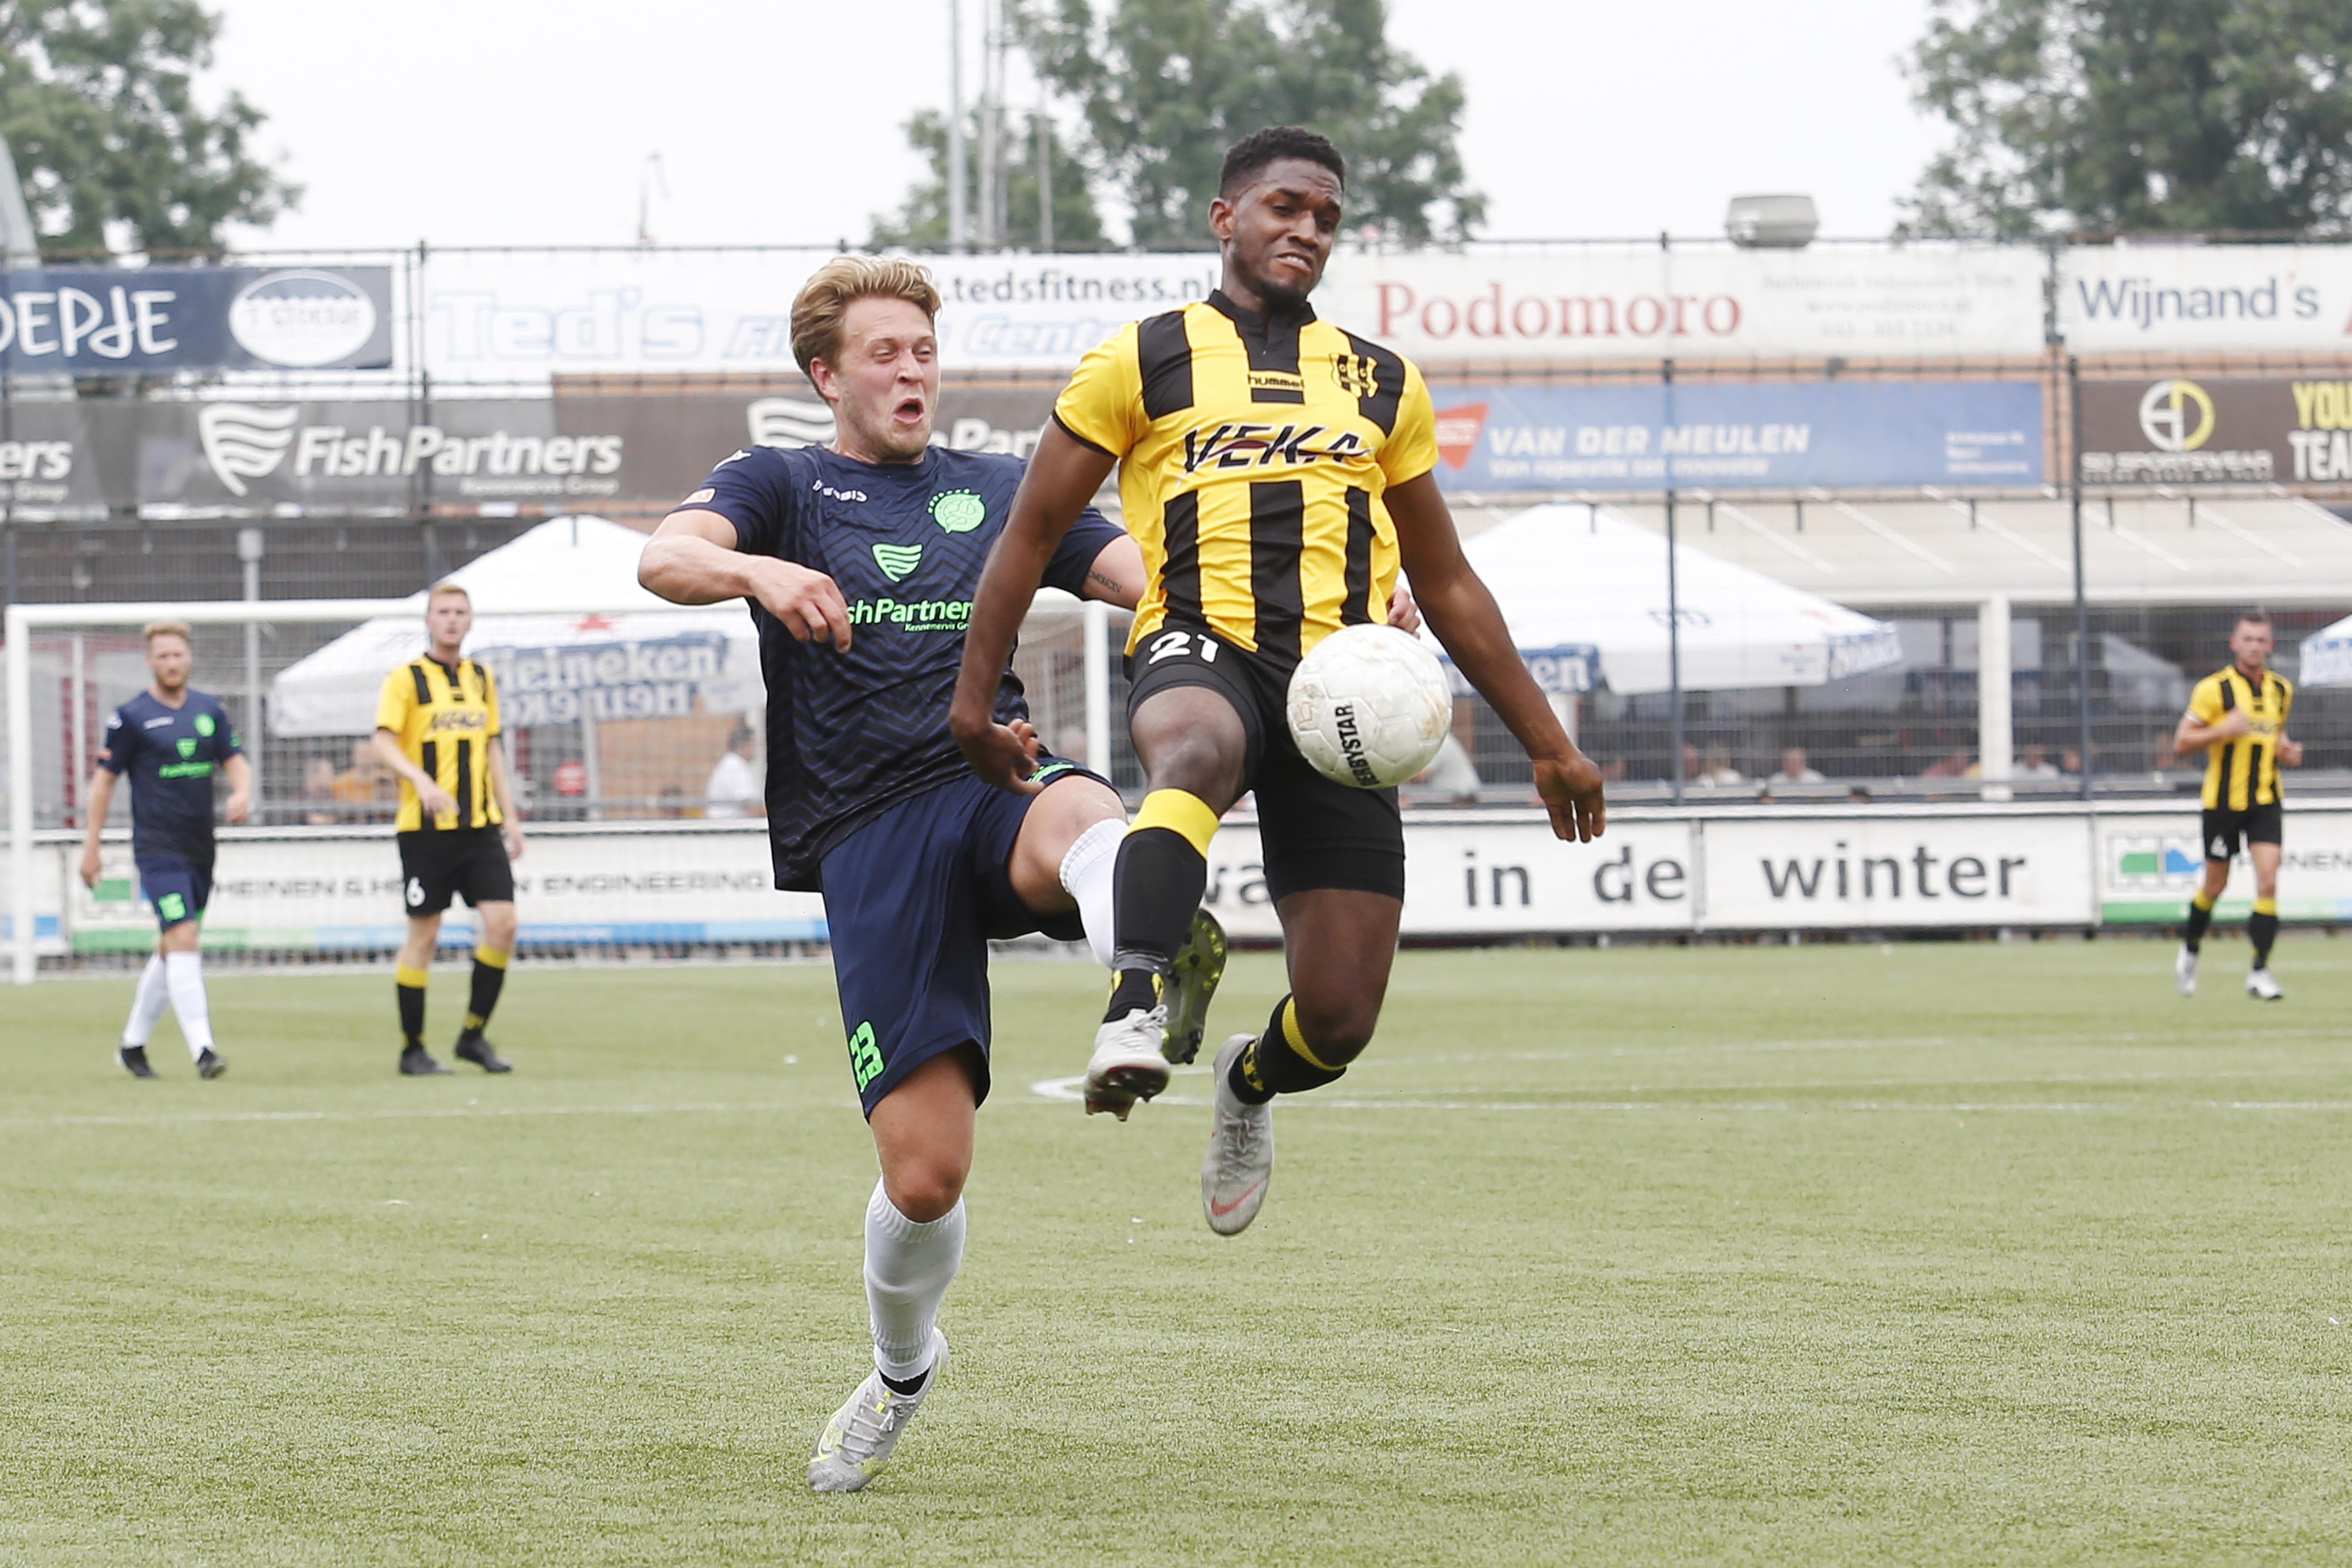 Berry Smit niet in paniek na geflatteerde maar daardoor niet minder pijnlijke oefennederlaag IJsselmeervogels: 'De uitslag staat een beetje rottig, ja'